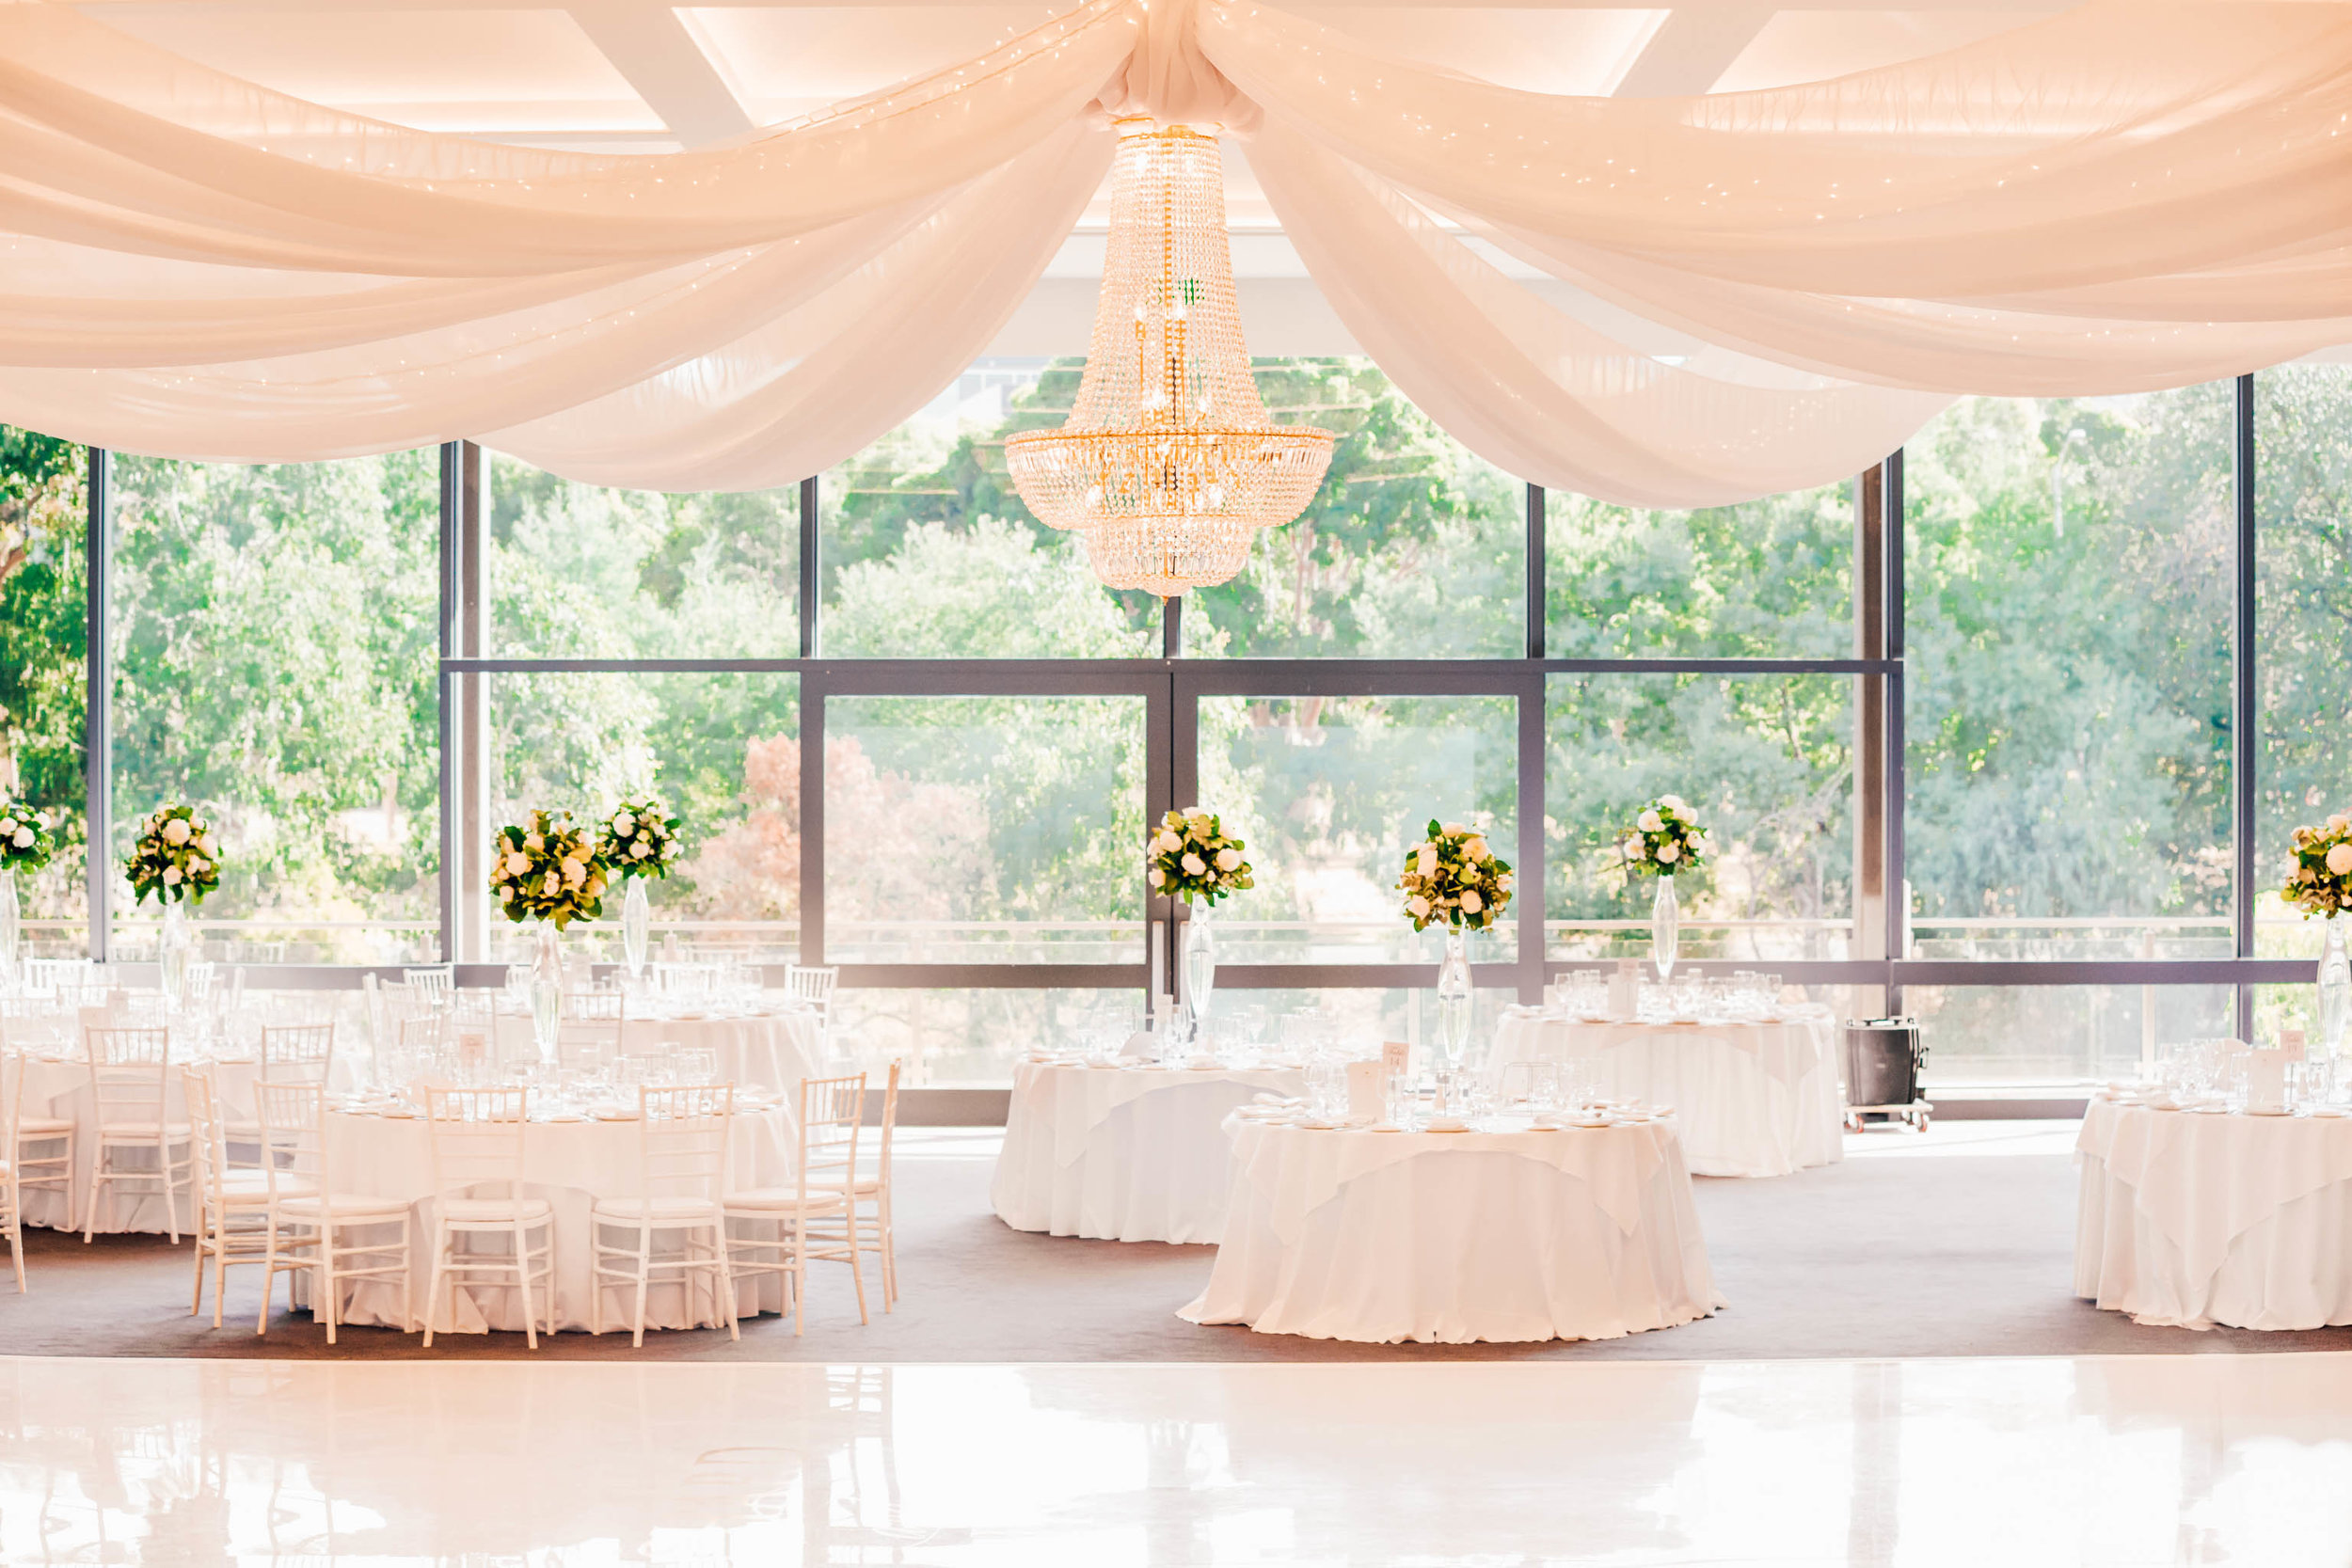 wedding backdrops melbourne